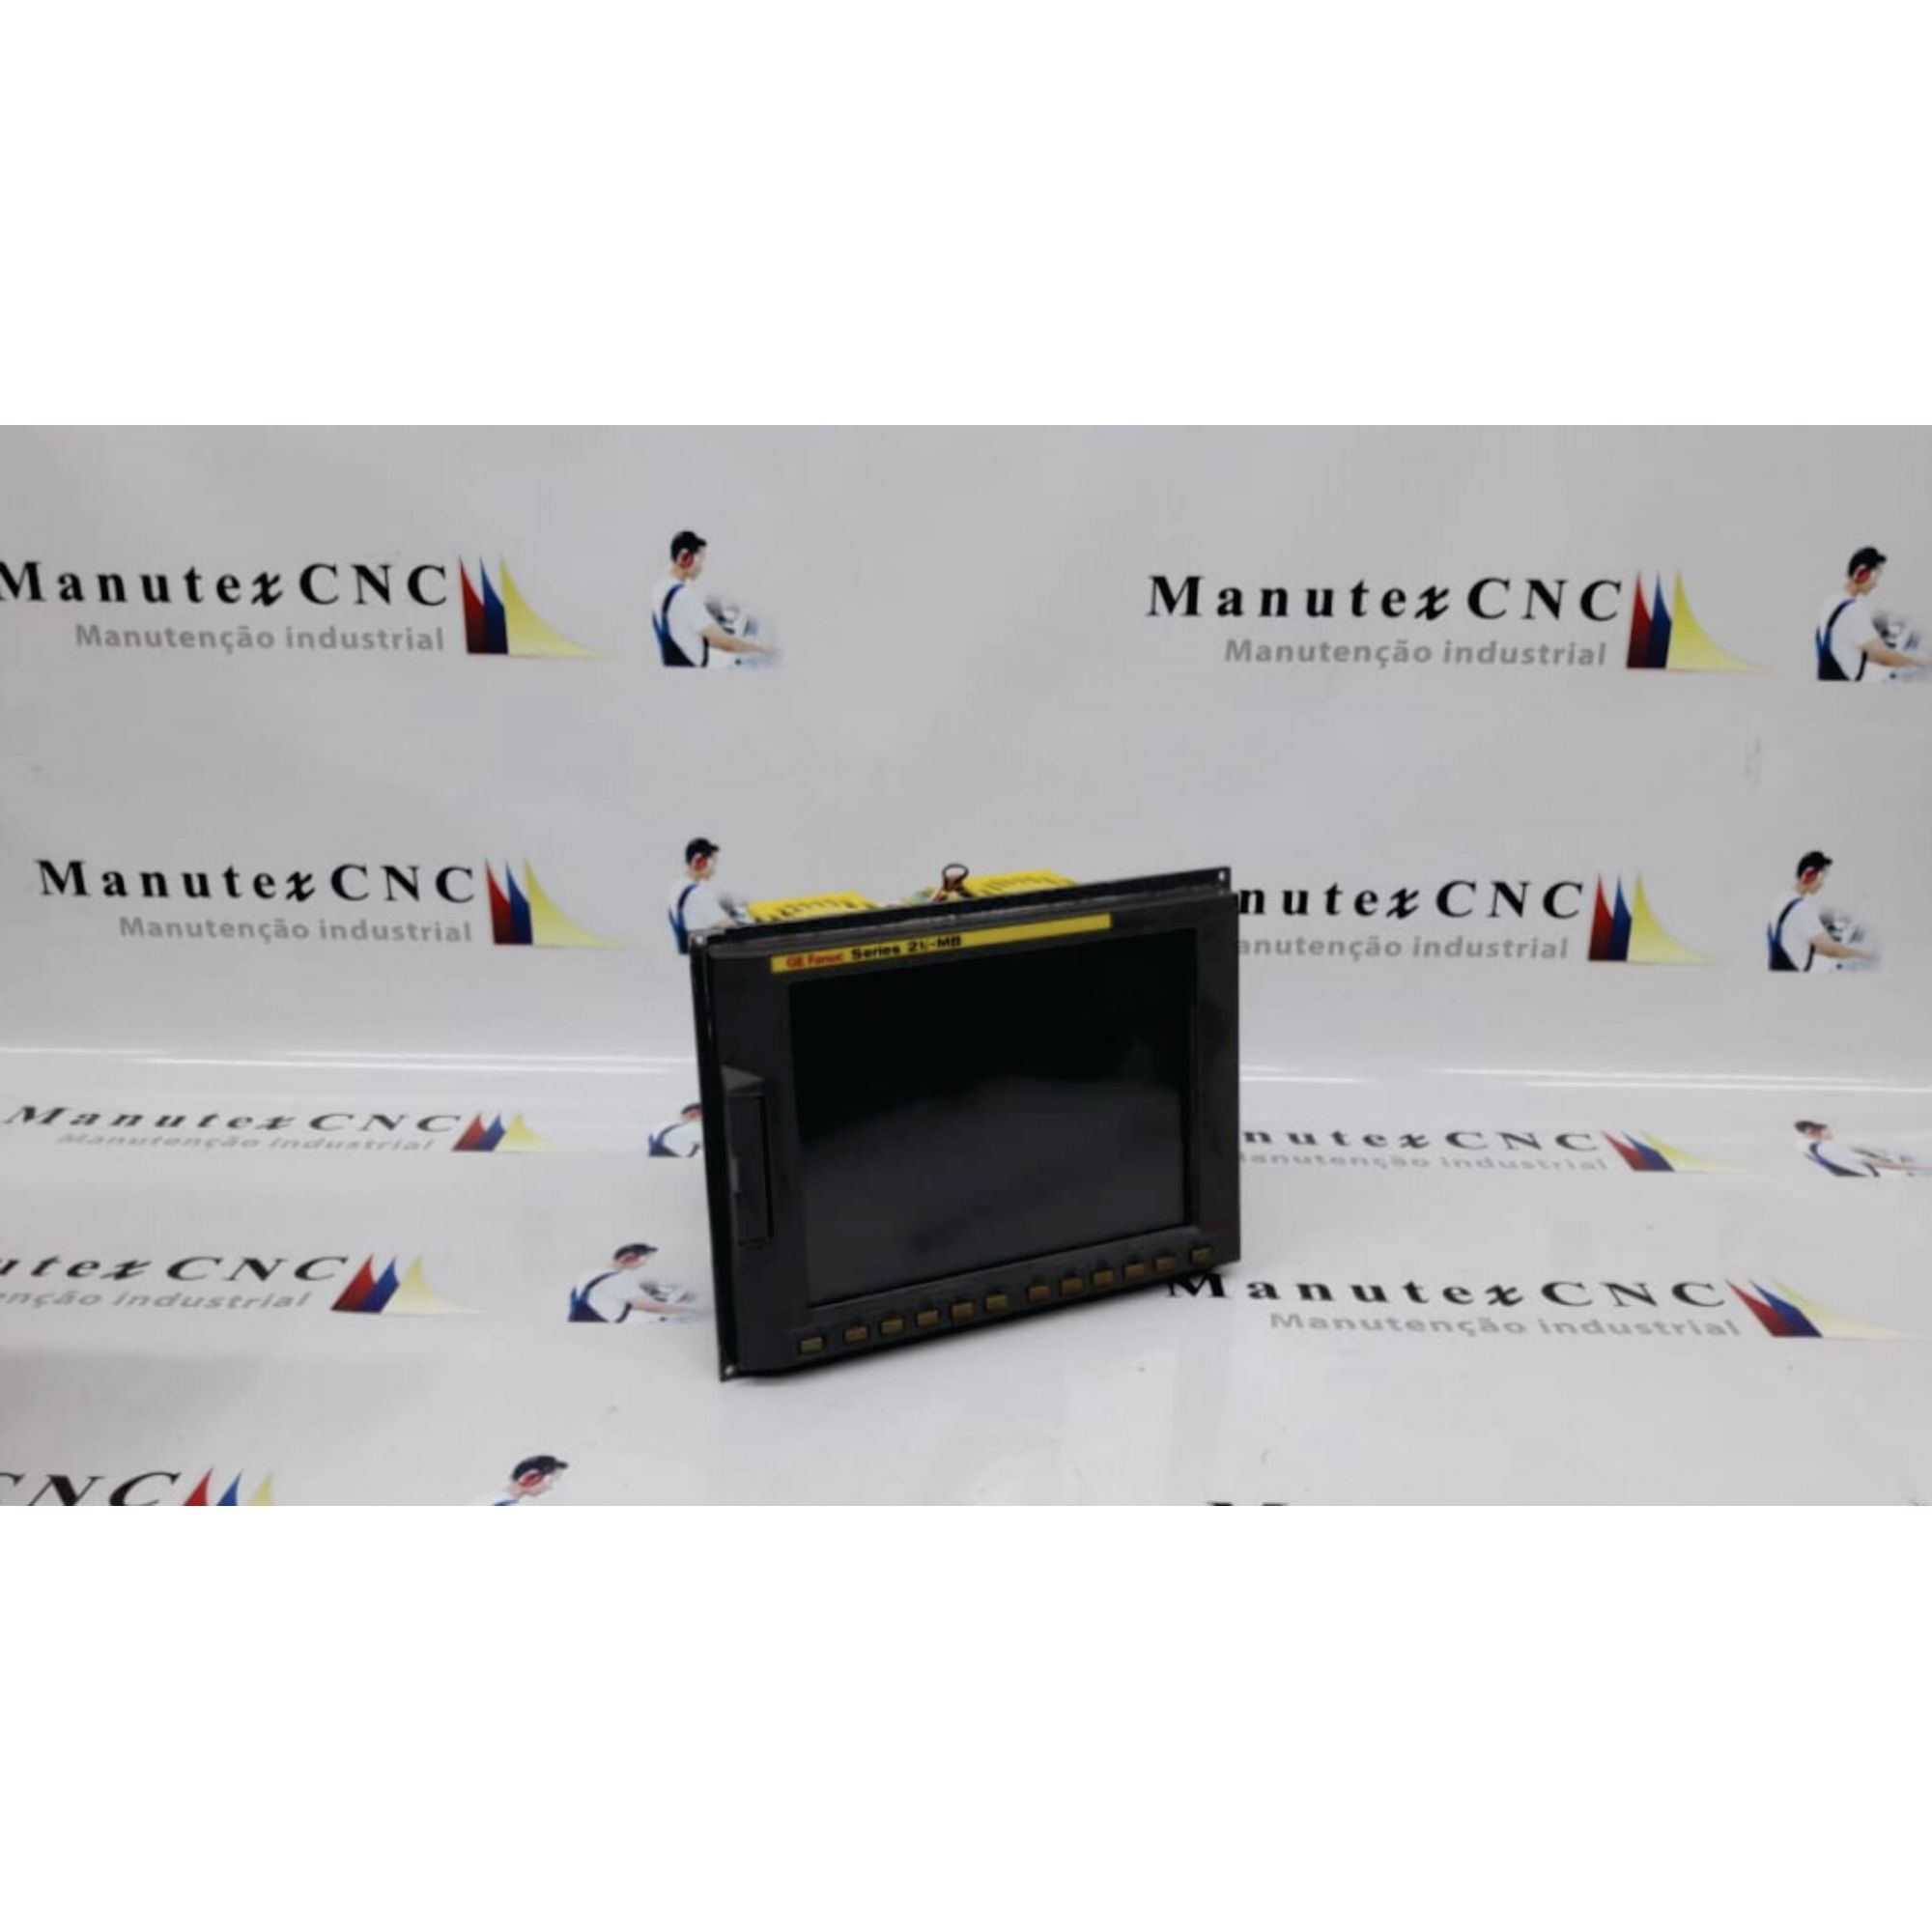 A02B-0285-B502 | 21i-MB | CNC | FANUC